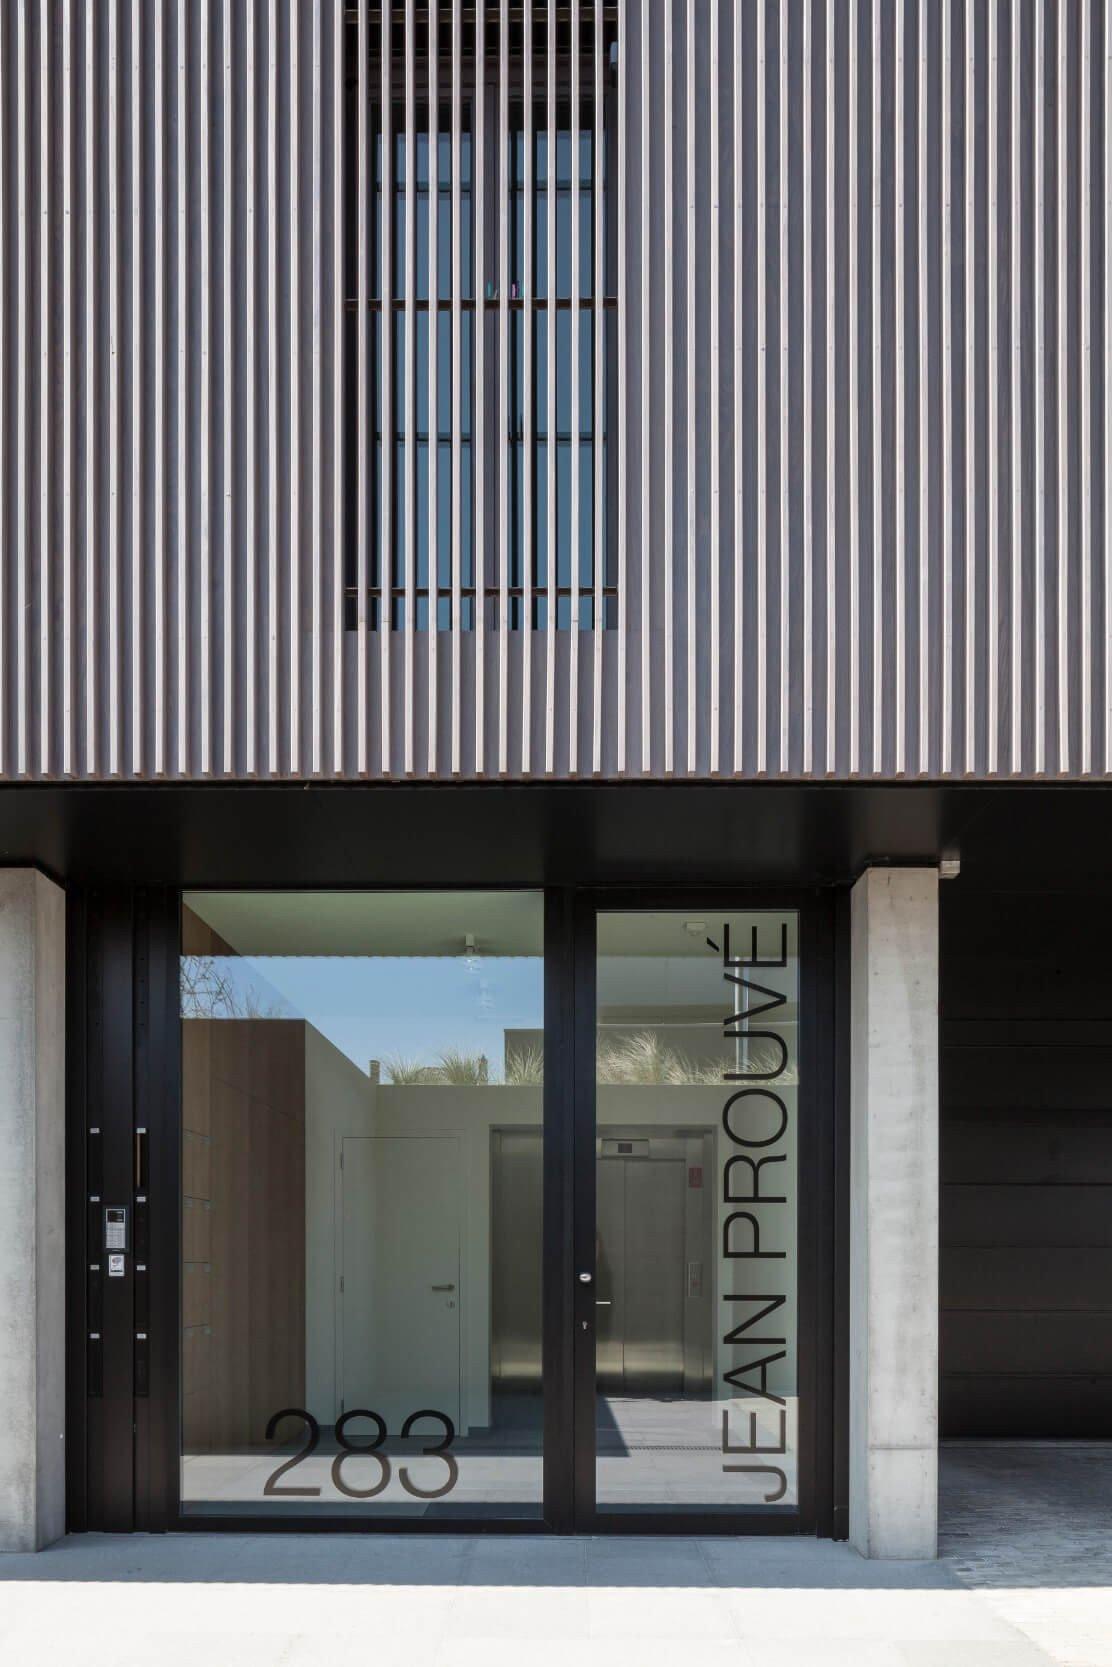 Res-JeanProuve-Rietveldprojects-photobytimvandevelde-8.jpg